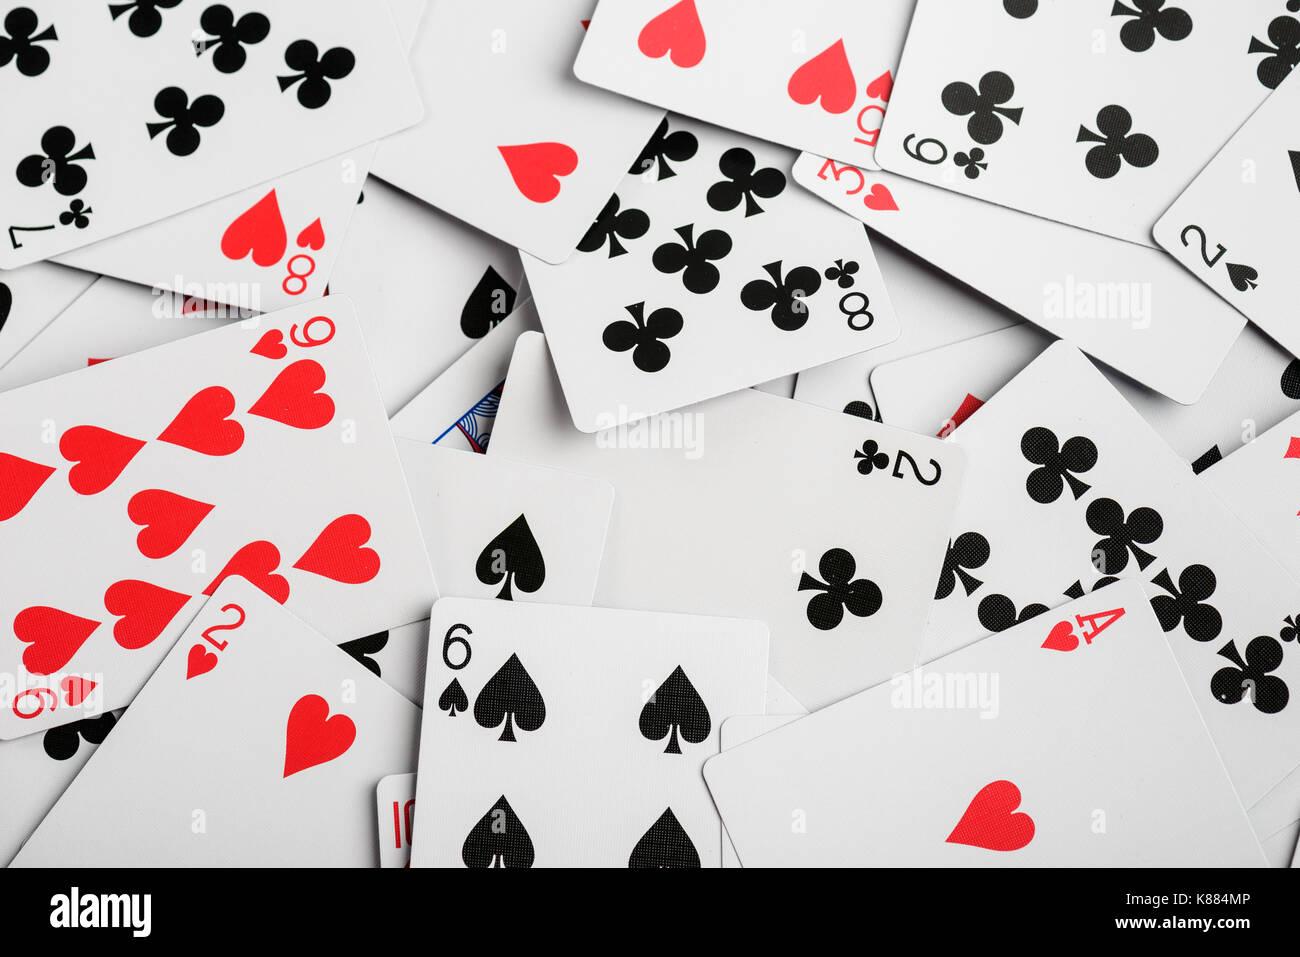 Jeu de cartes de casino en arrière-plan Photo Stock